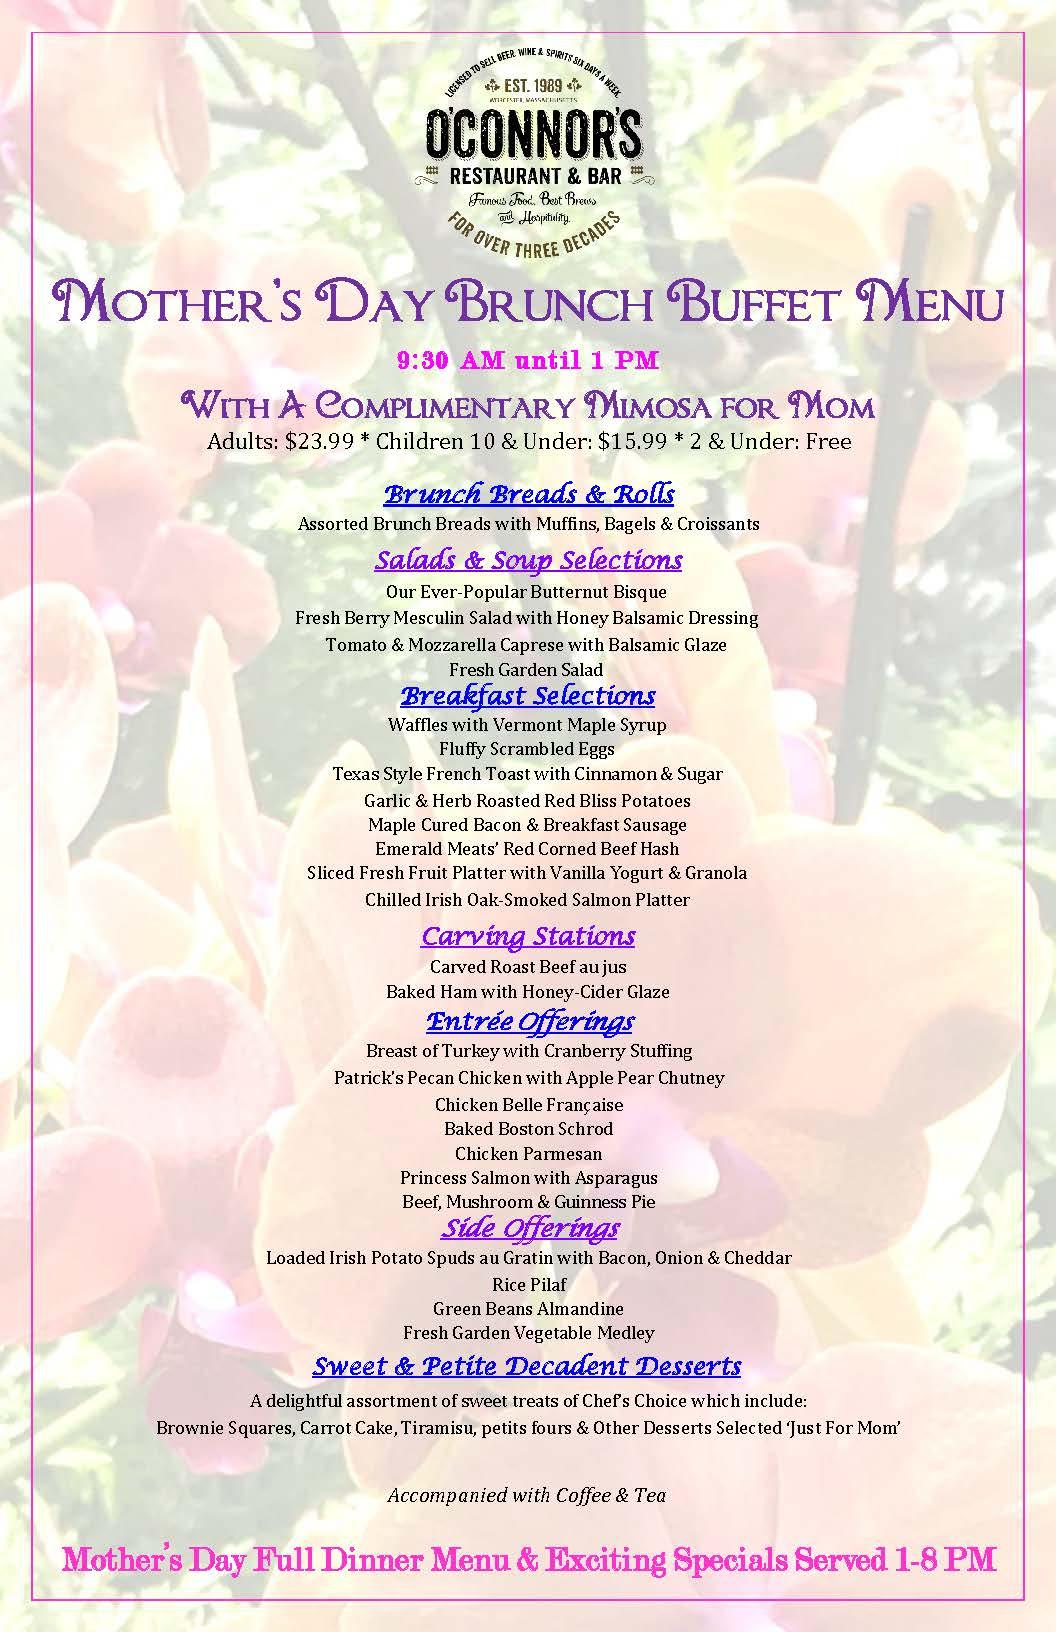 Mother's Day Brunch Menu 2019